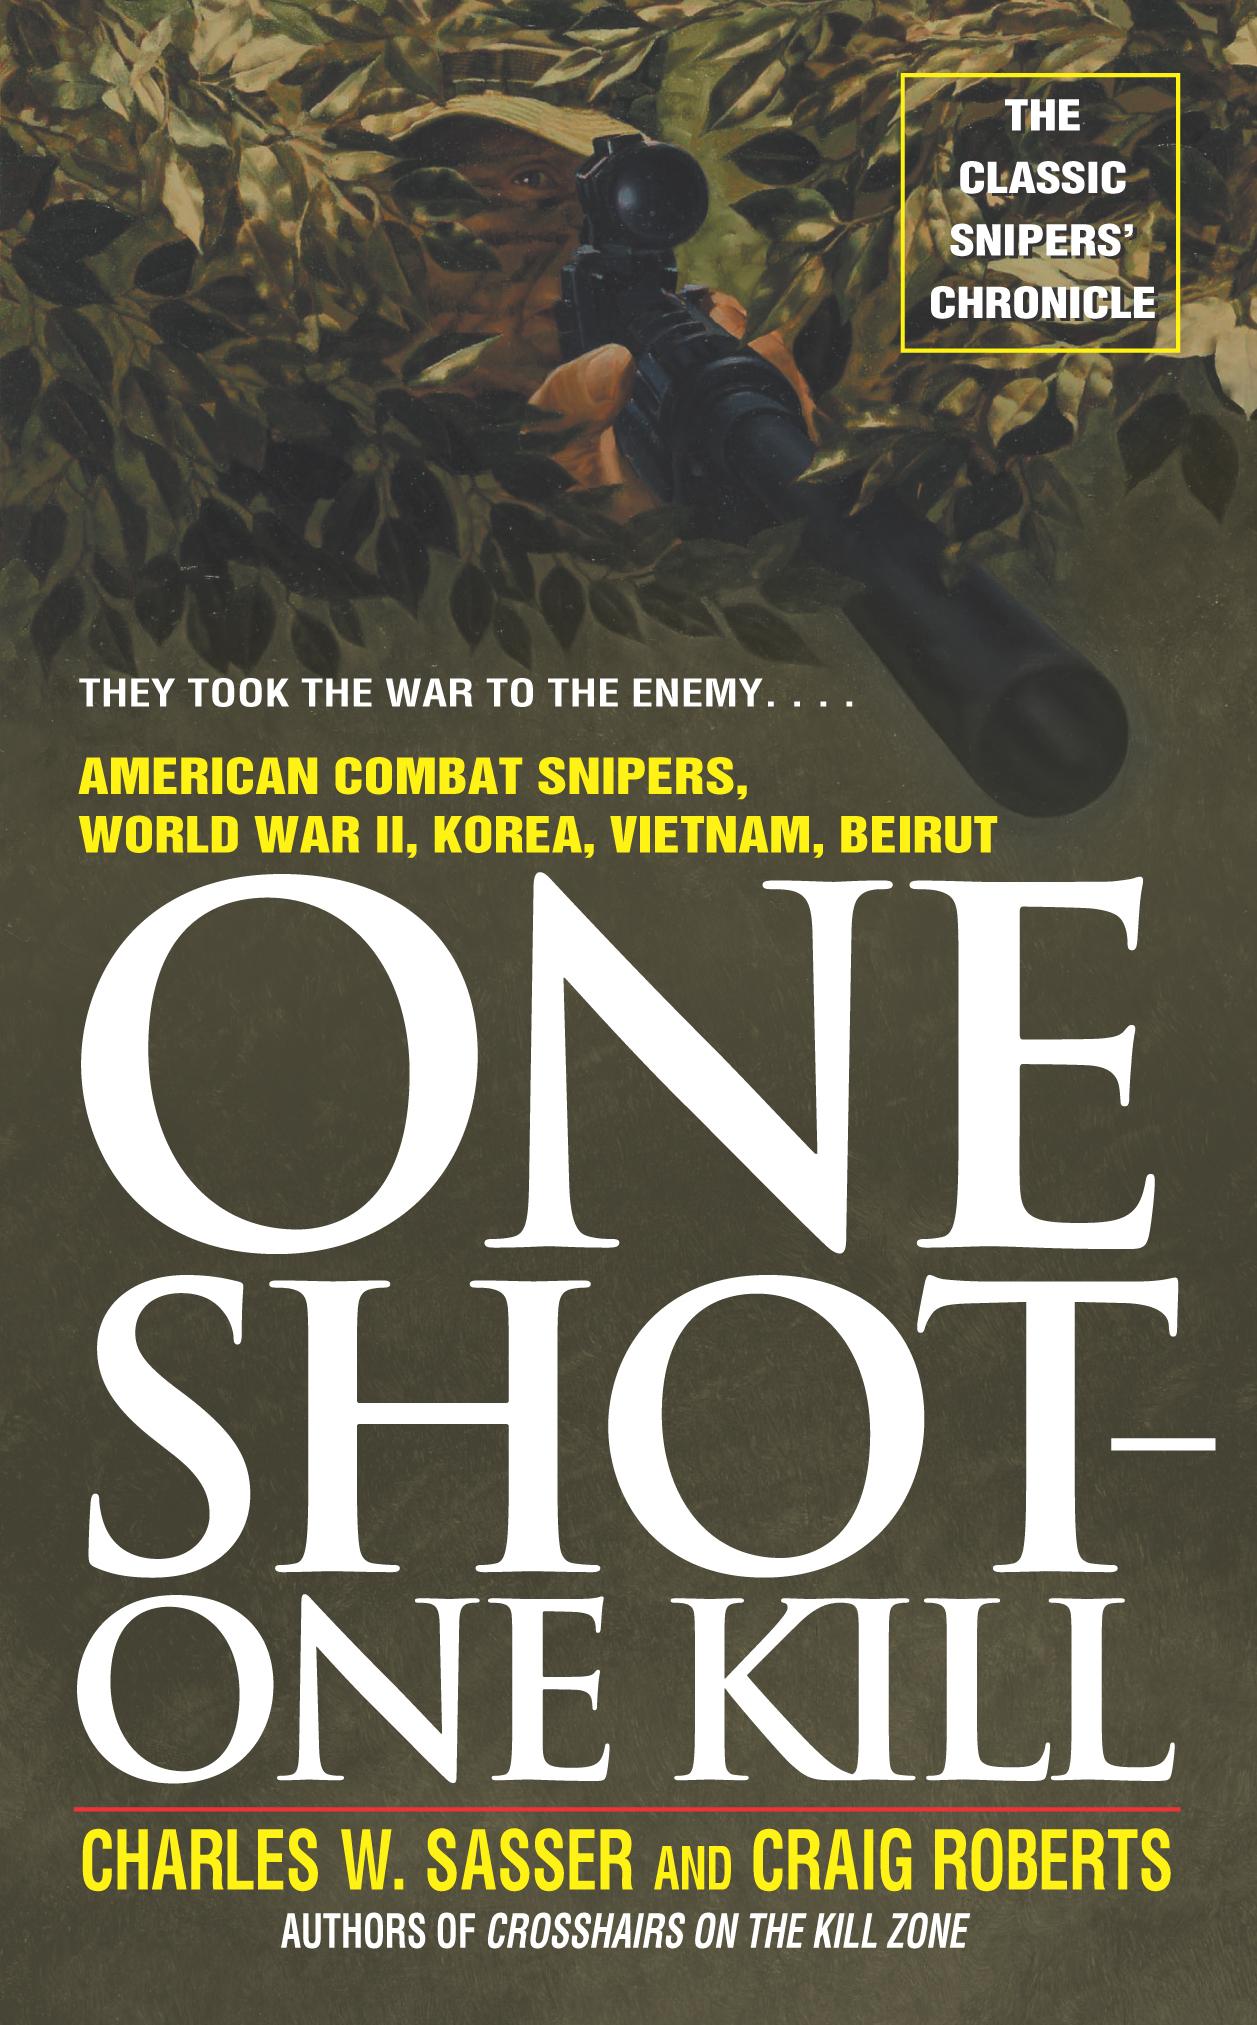 One shot one kill book by charles w sasser craig roberts cvr9780671682194 9780671682194 hr fandeluxe Gallery